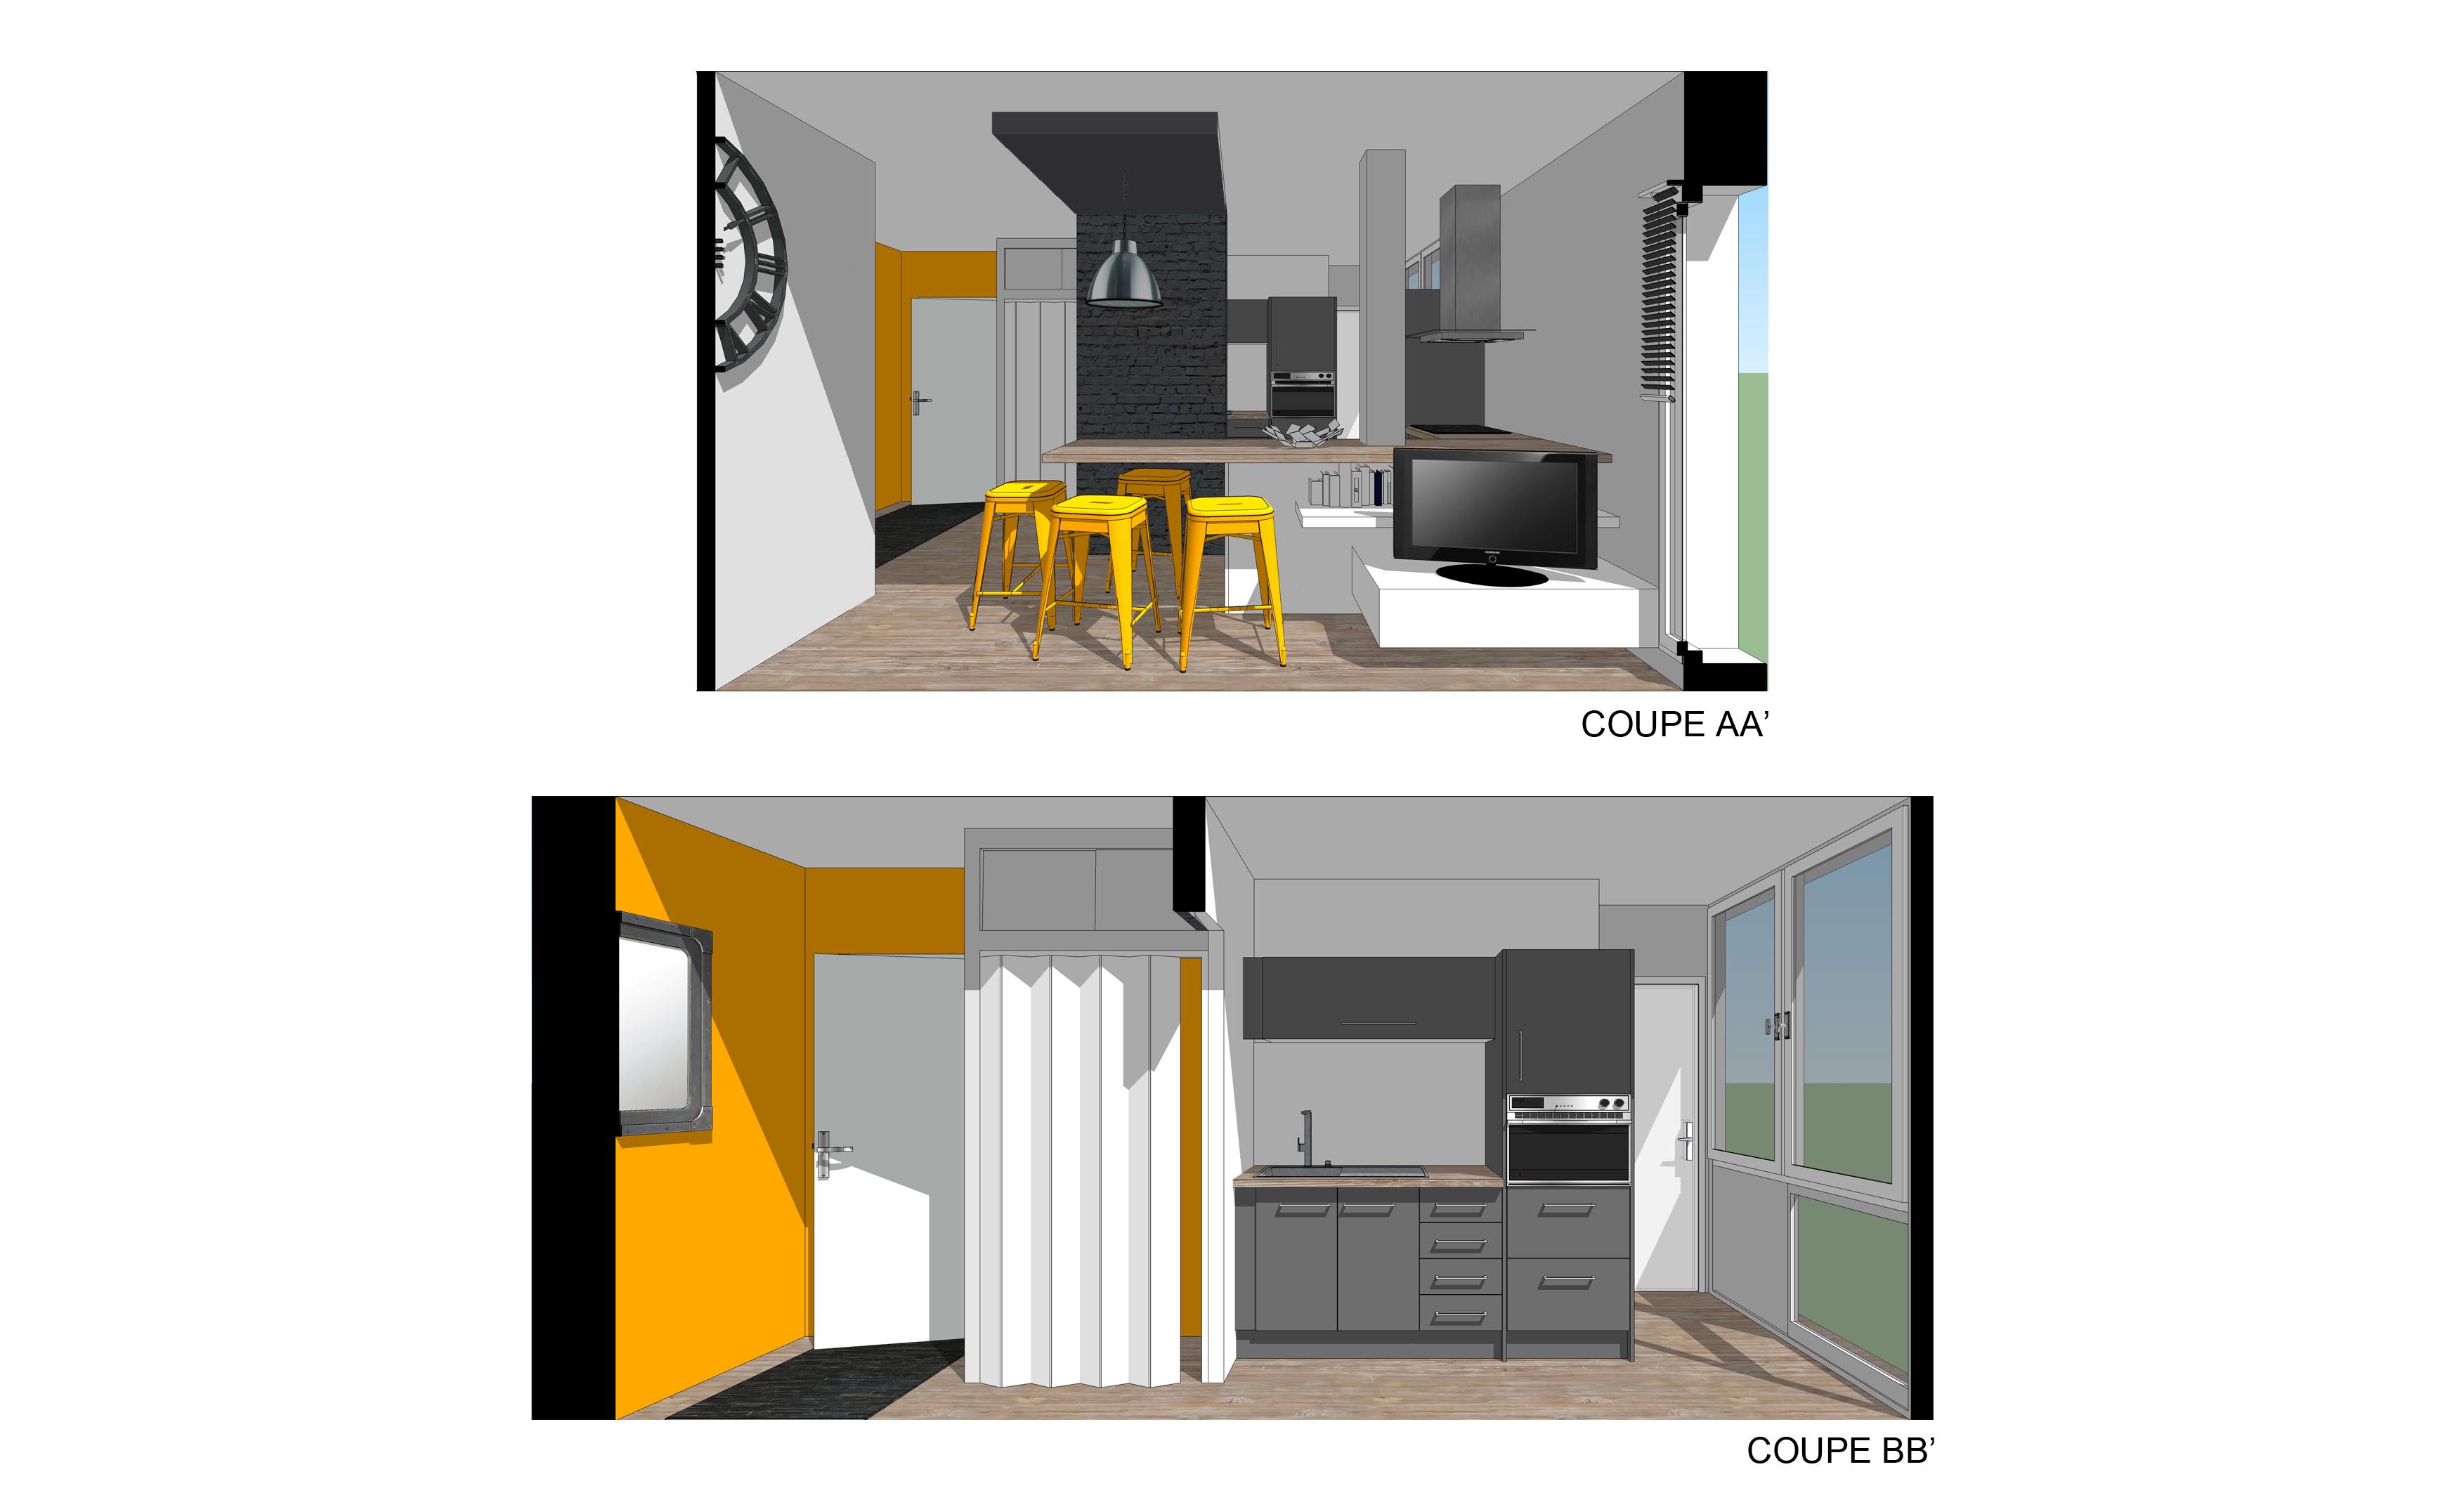 coupe 1 projet restructuration salon cuisine